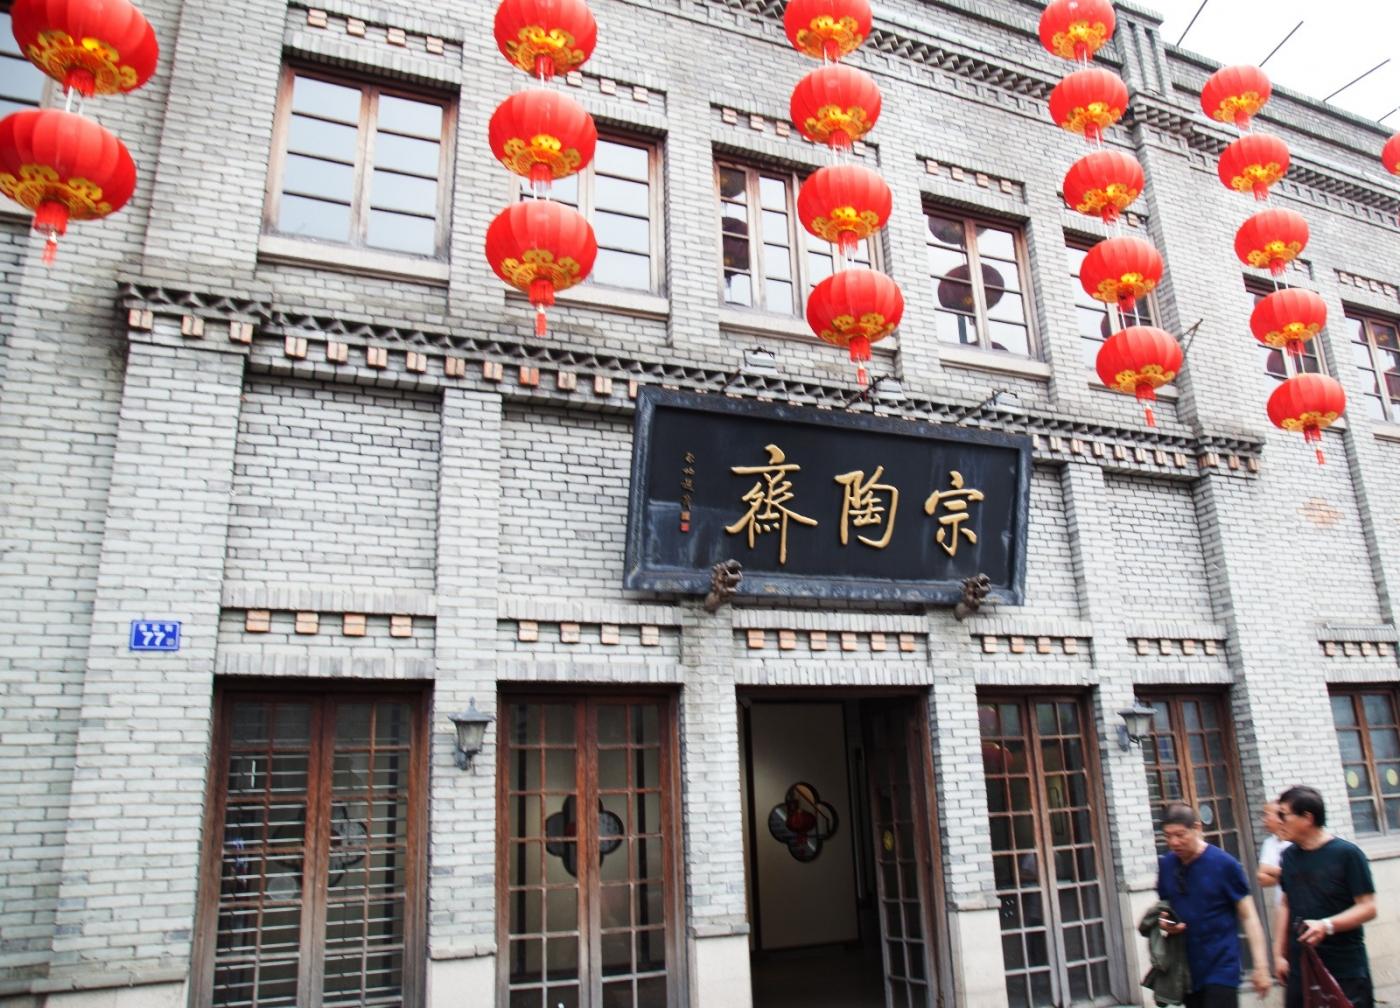 三坊七巷是福州市的旅游胜地_图1-19